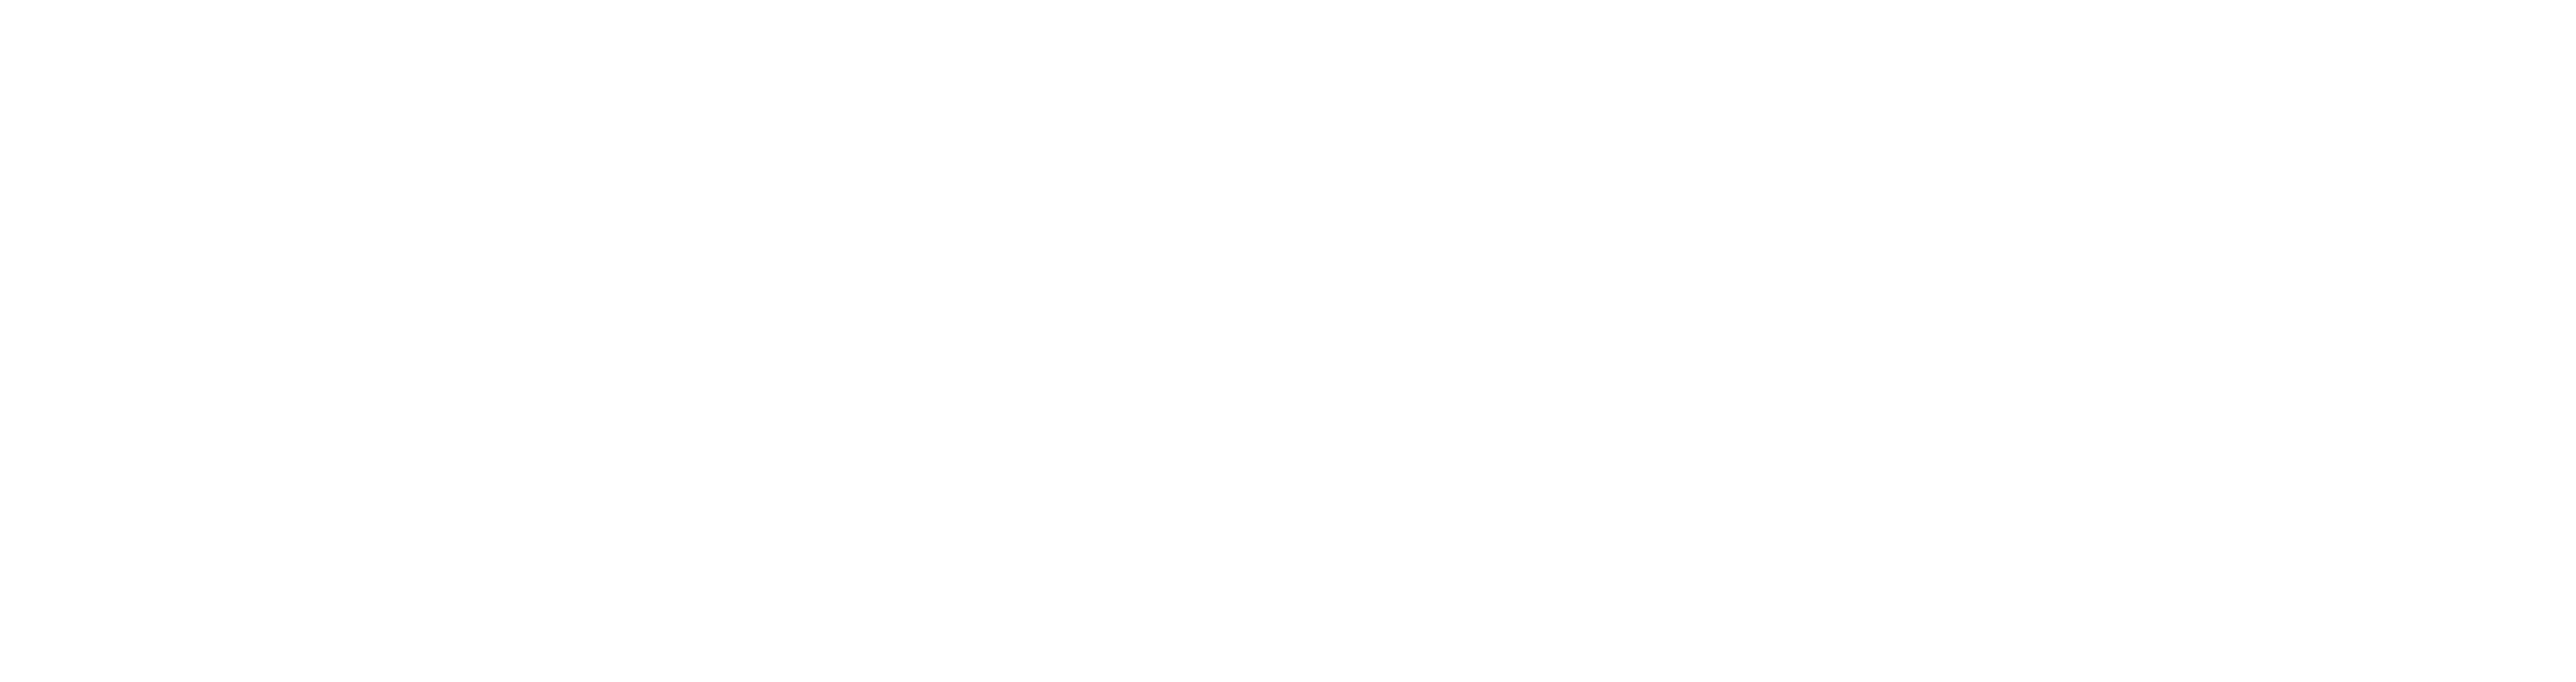 onlinecasinolatino.com